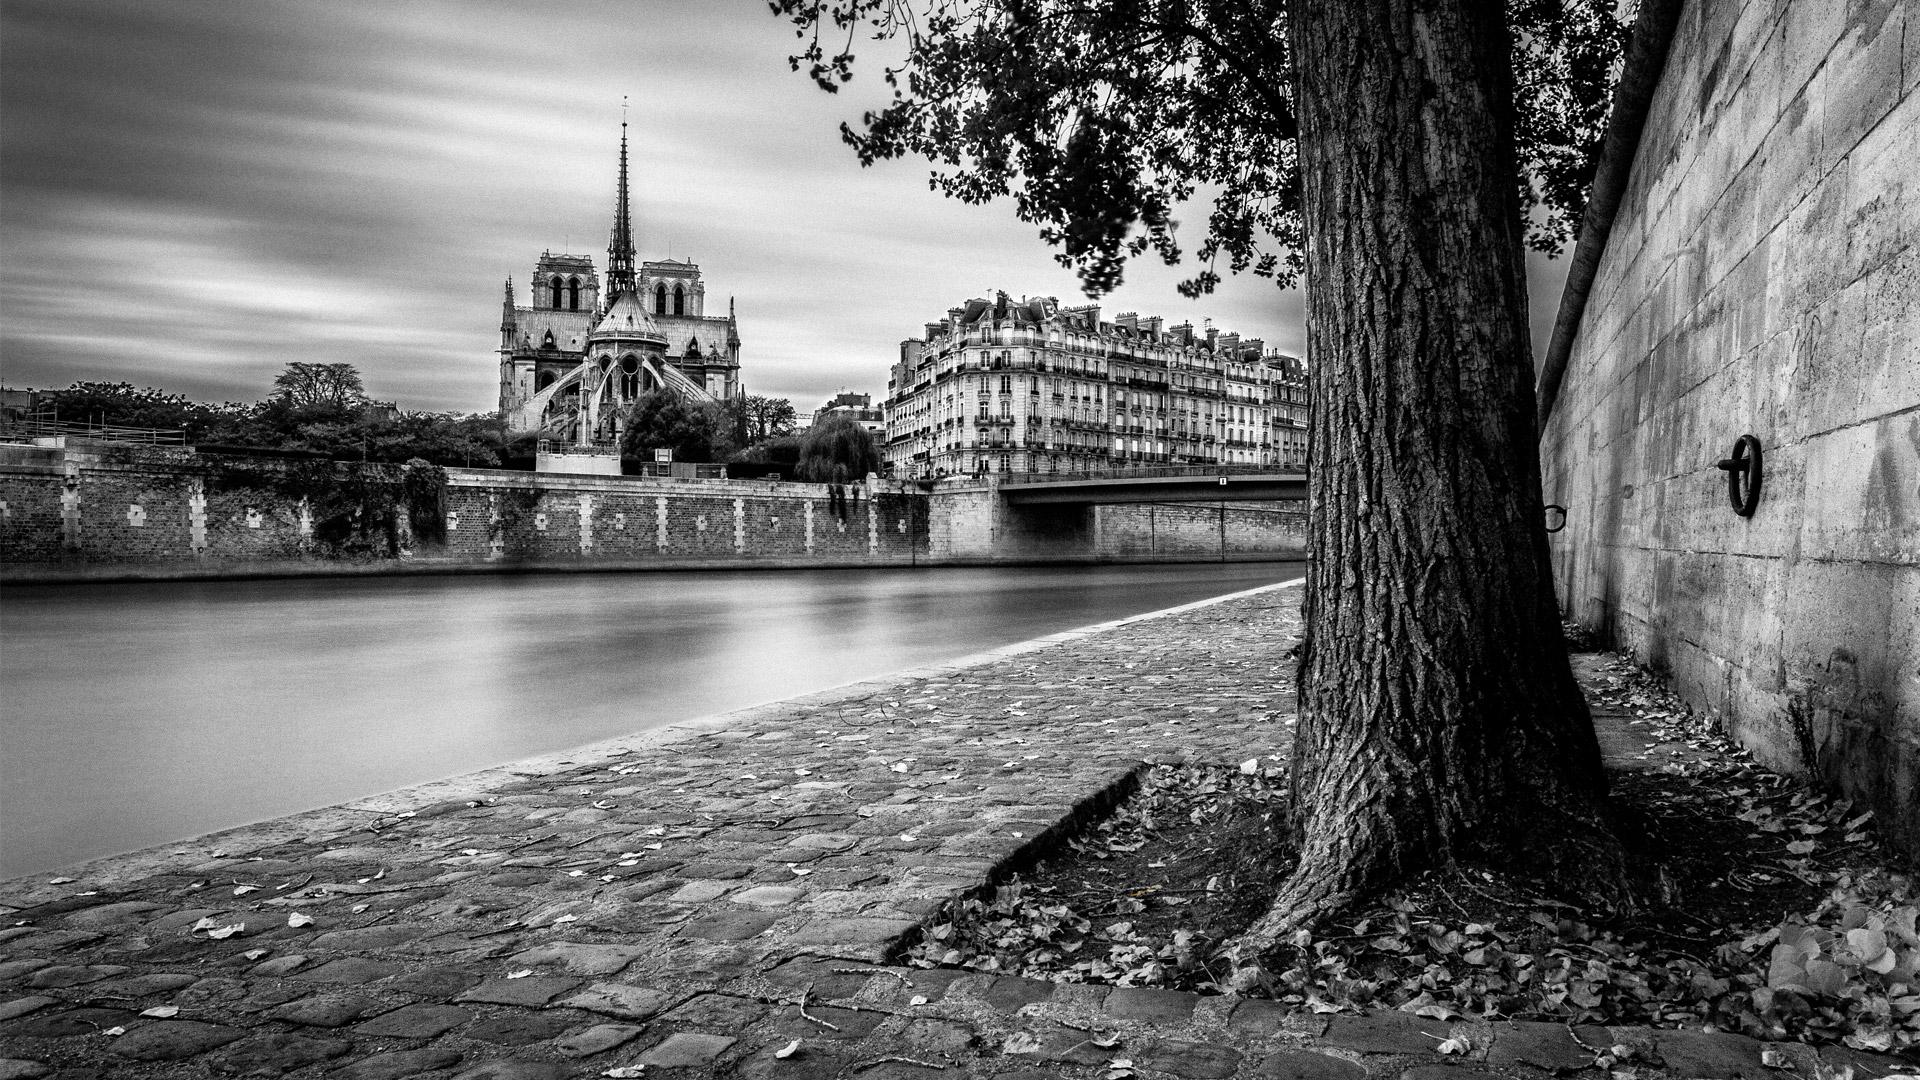 Photographie de Notre Dame de Paris